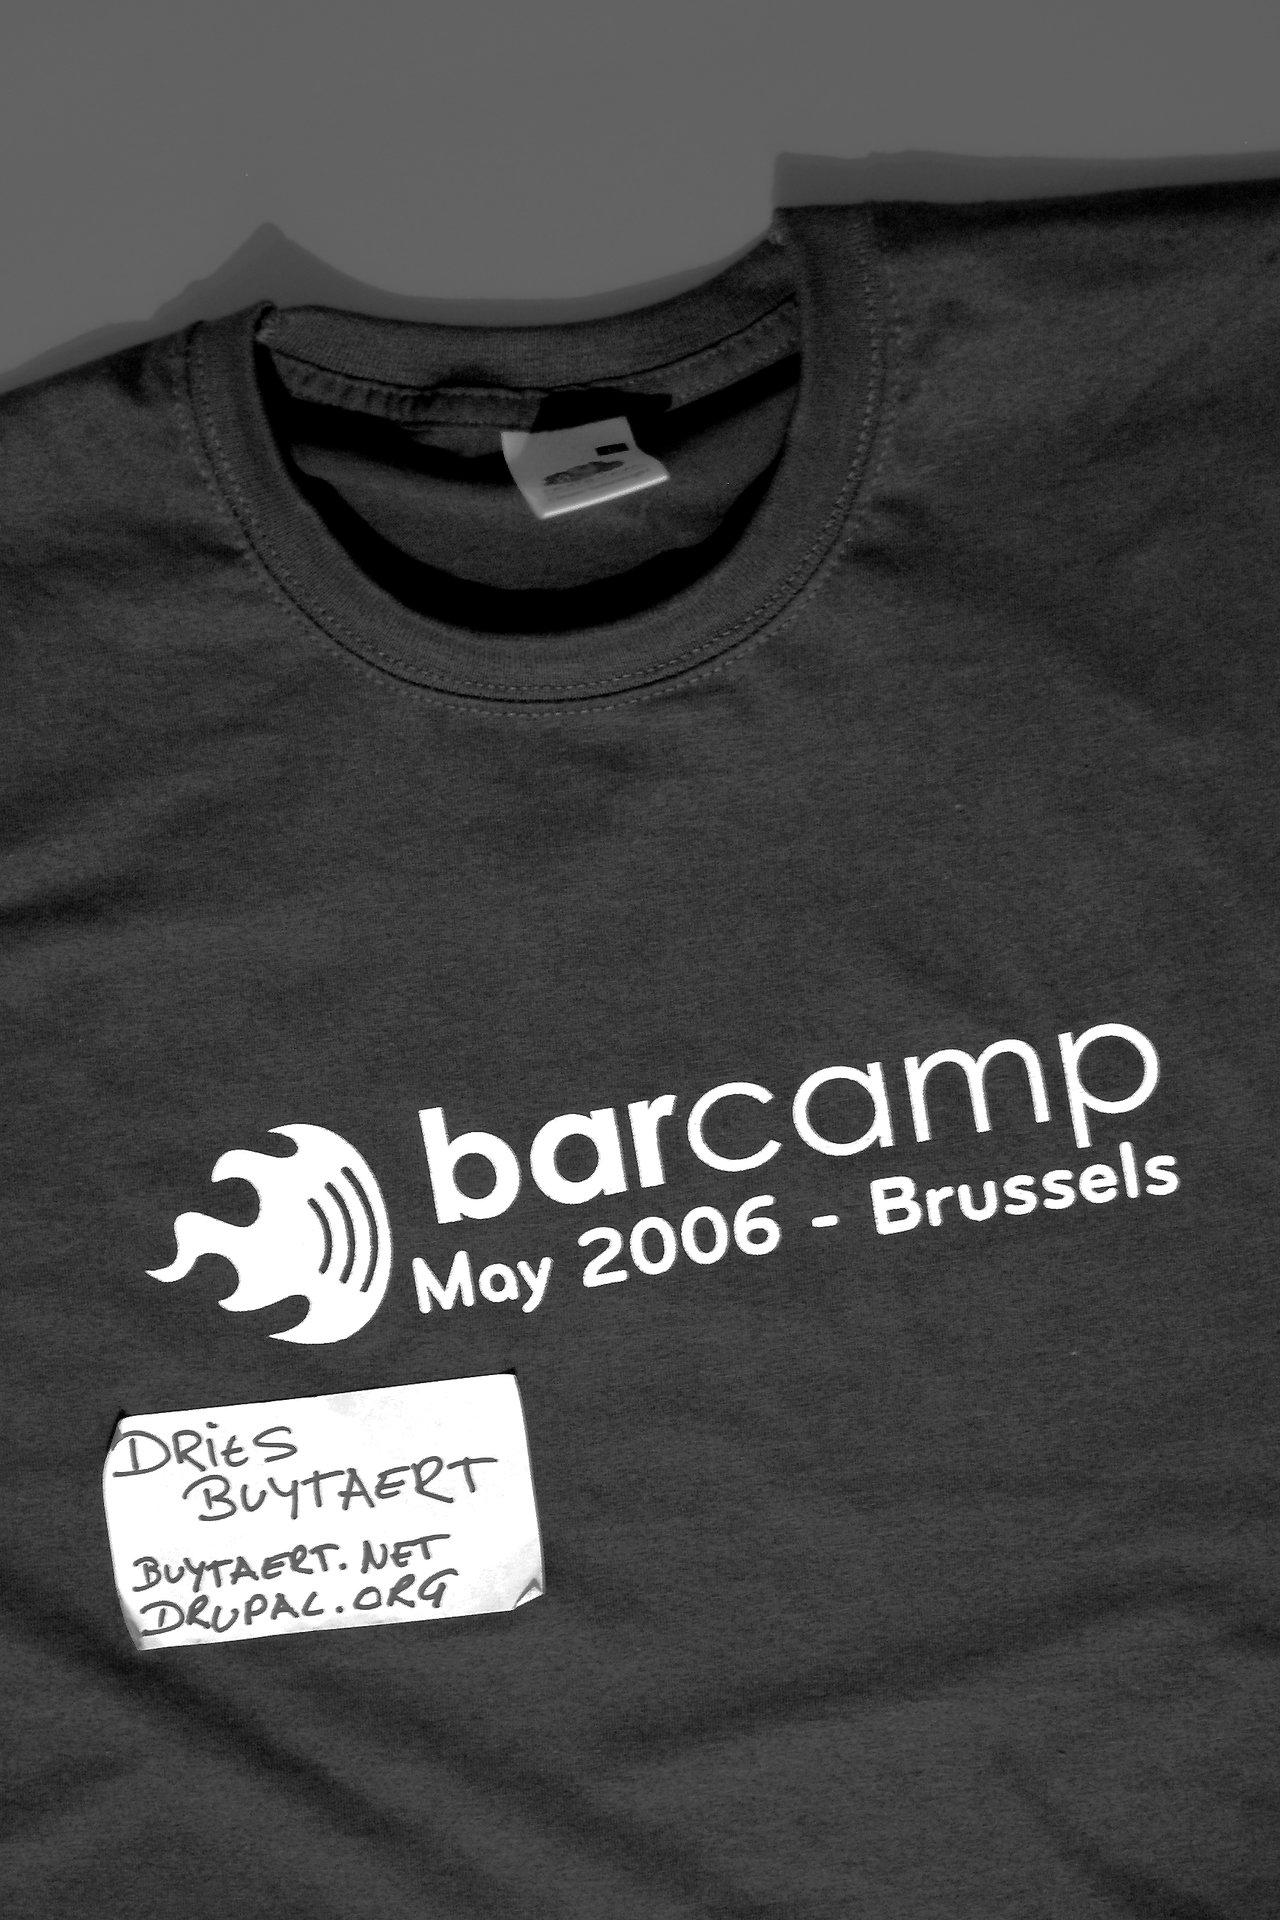 Barcamp brussels tshirt